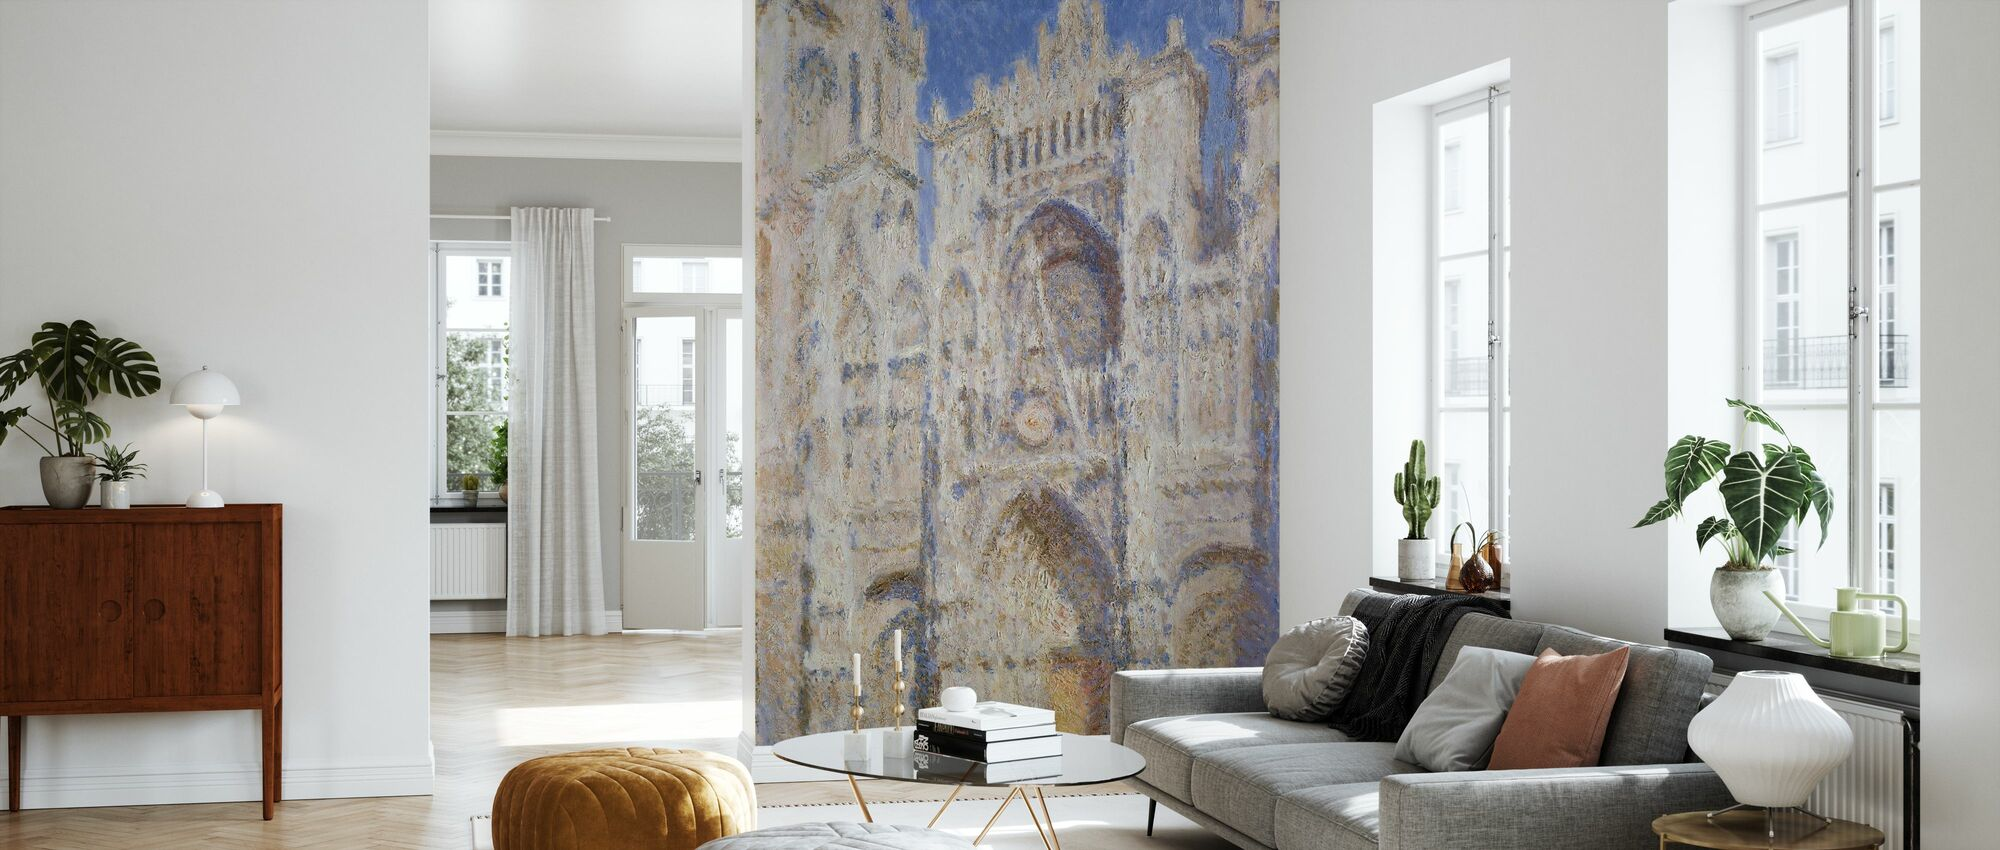 Rouen katedraali portaali - Claude Monet - Tapetti - Olohuone